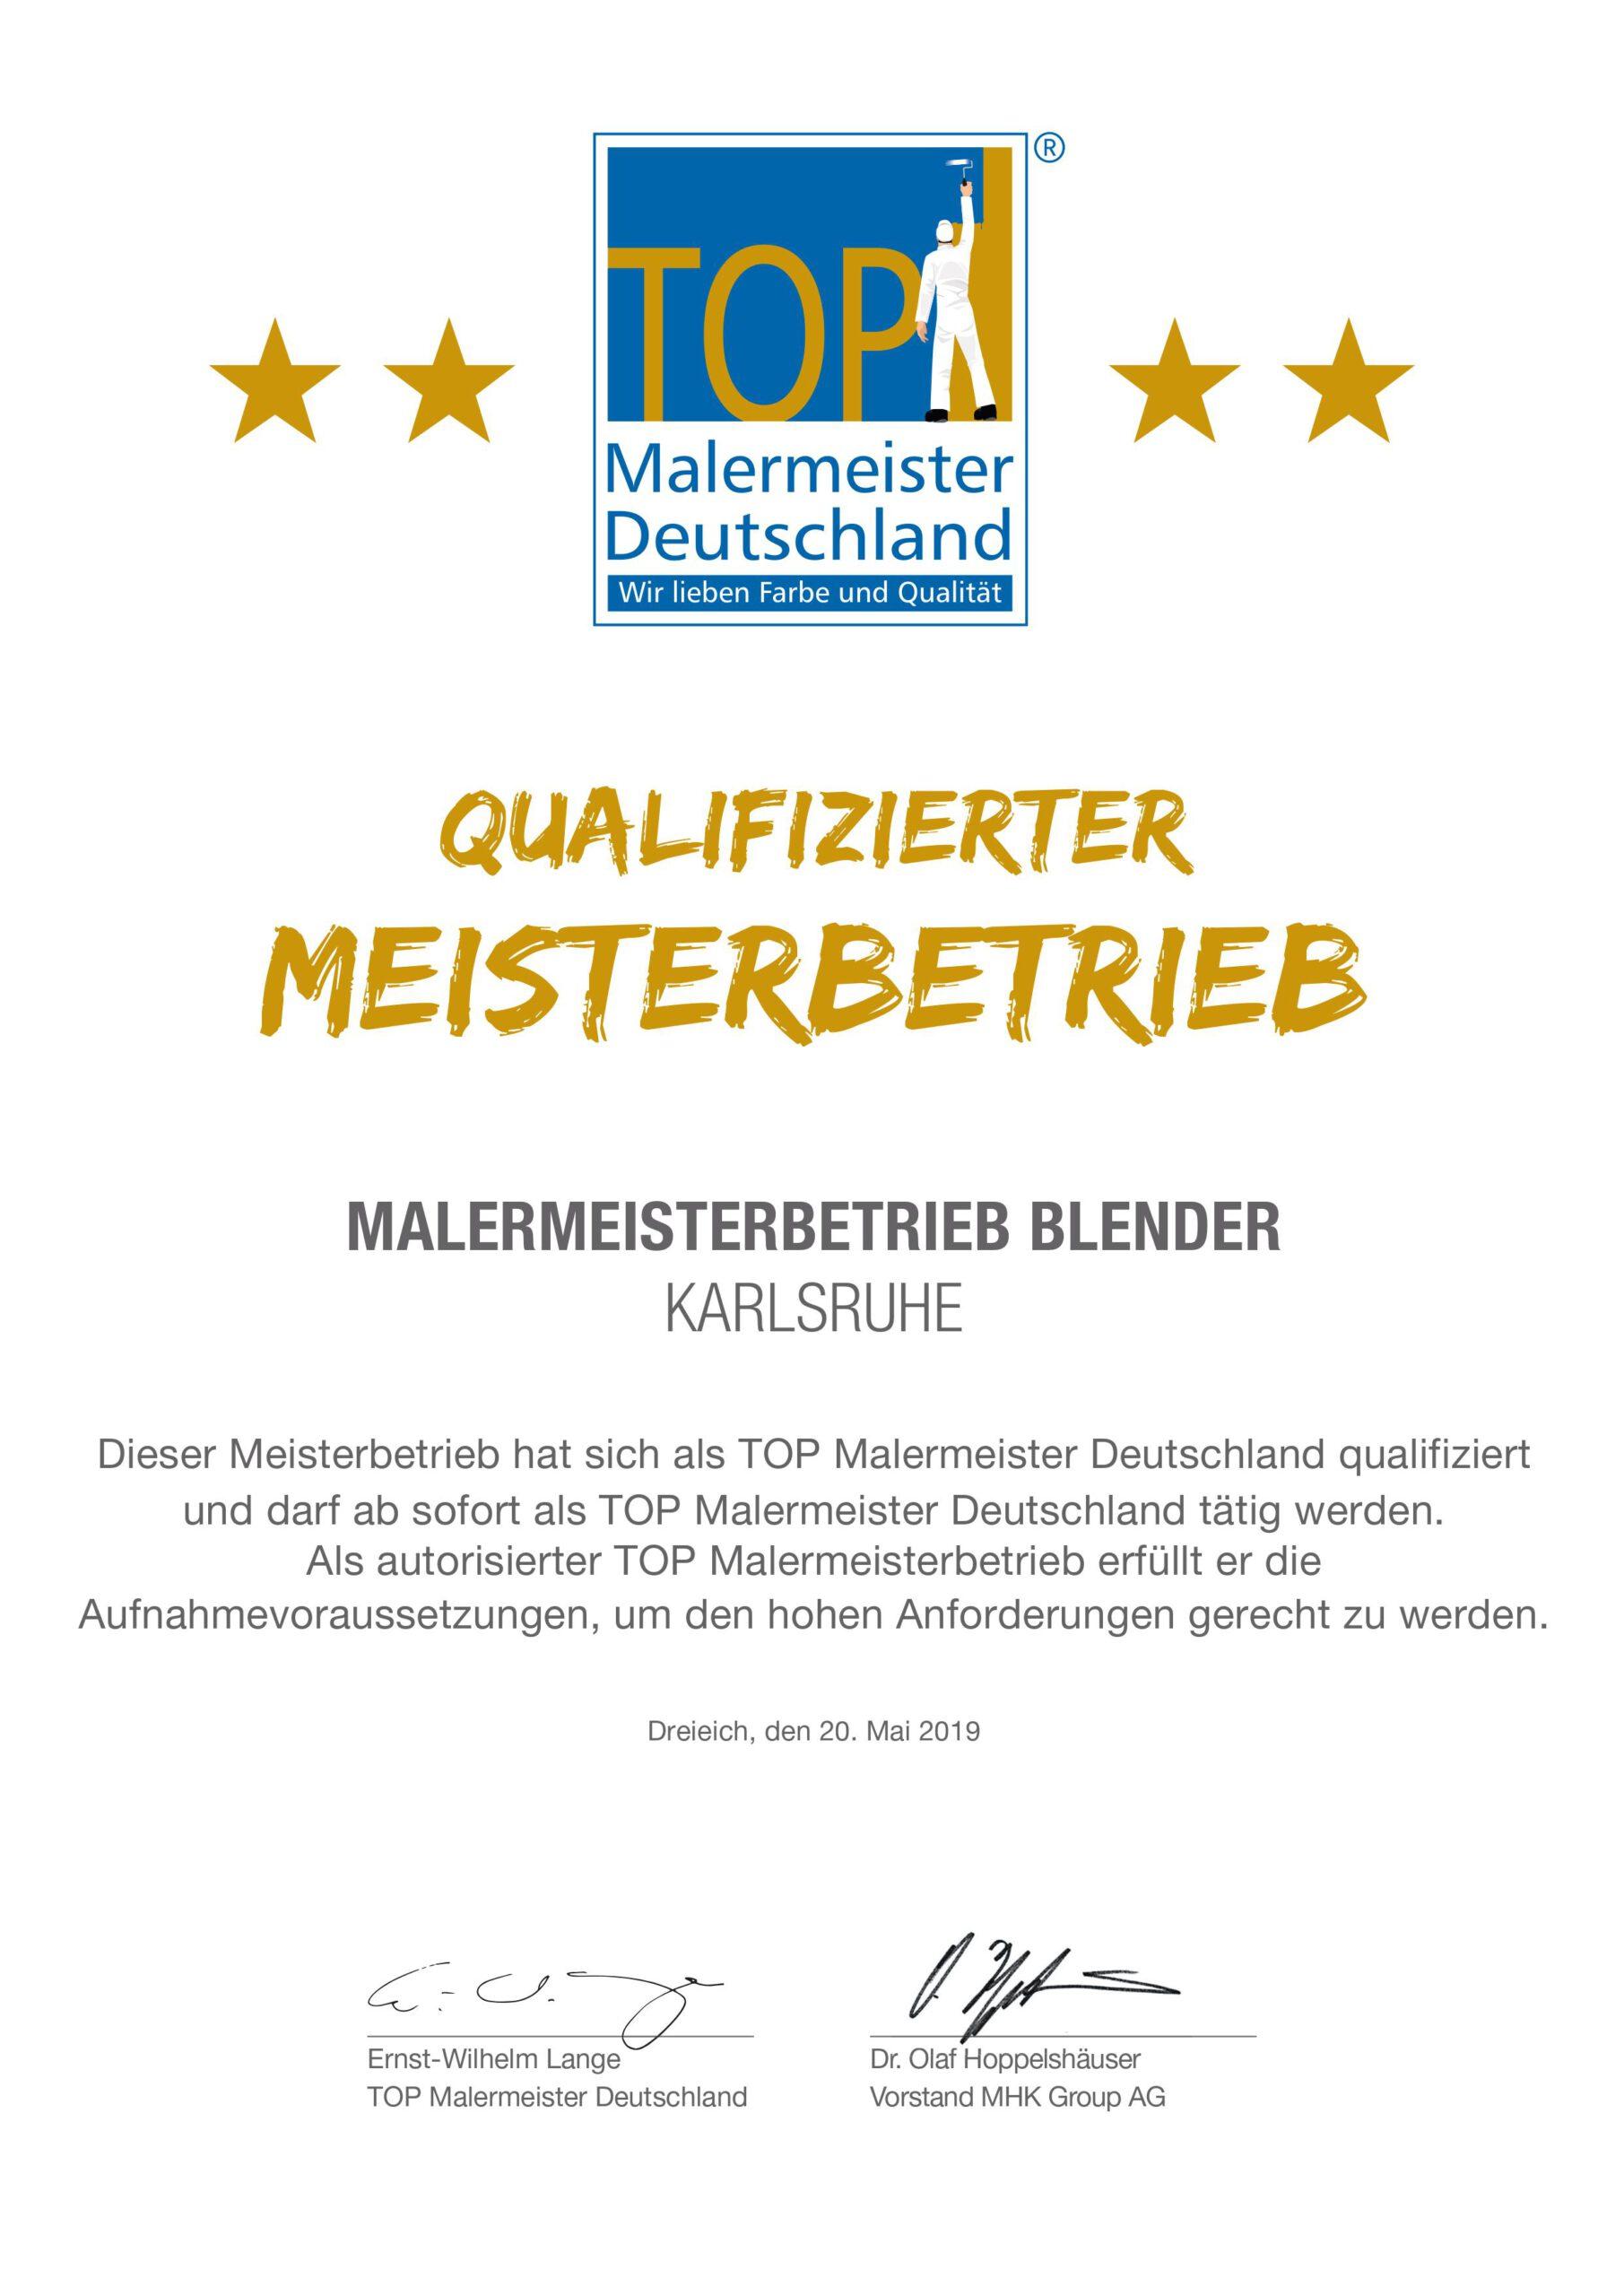 Top Malermeister